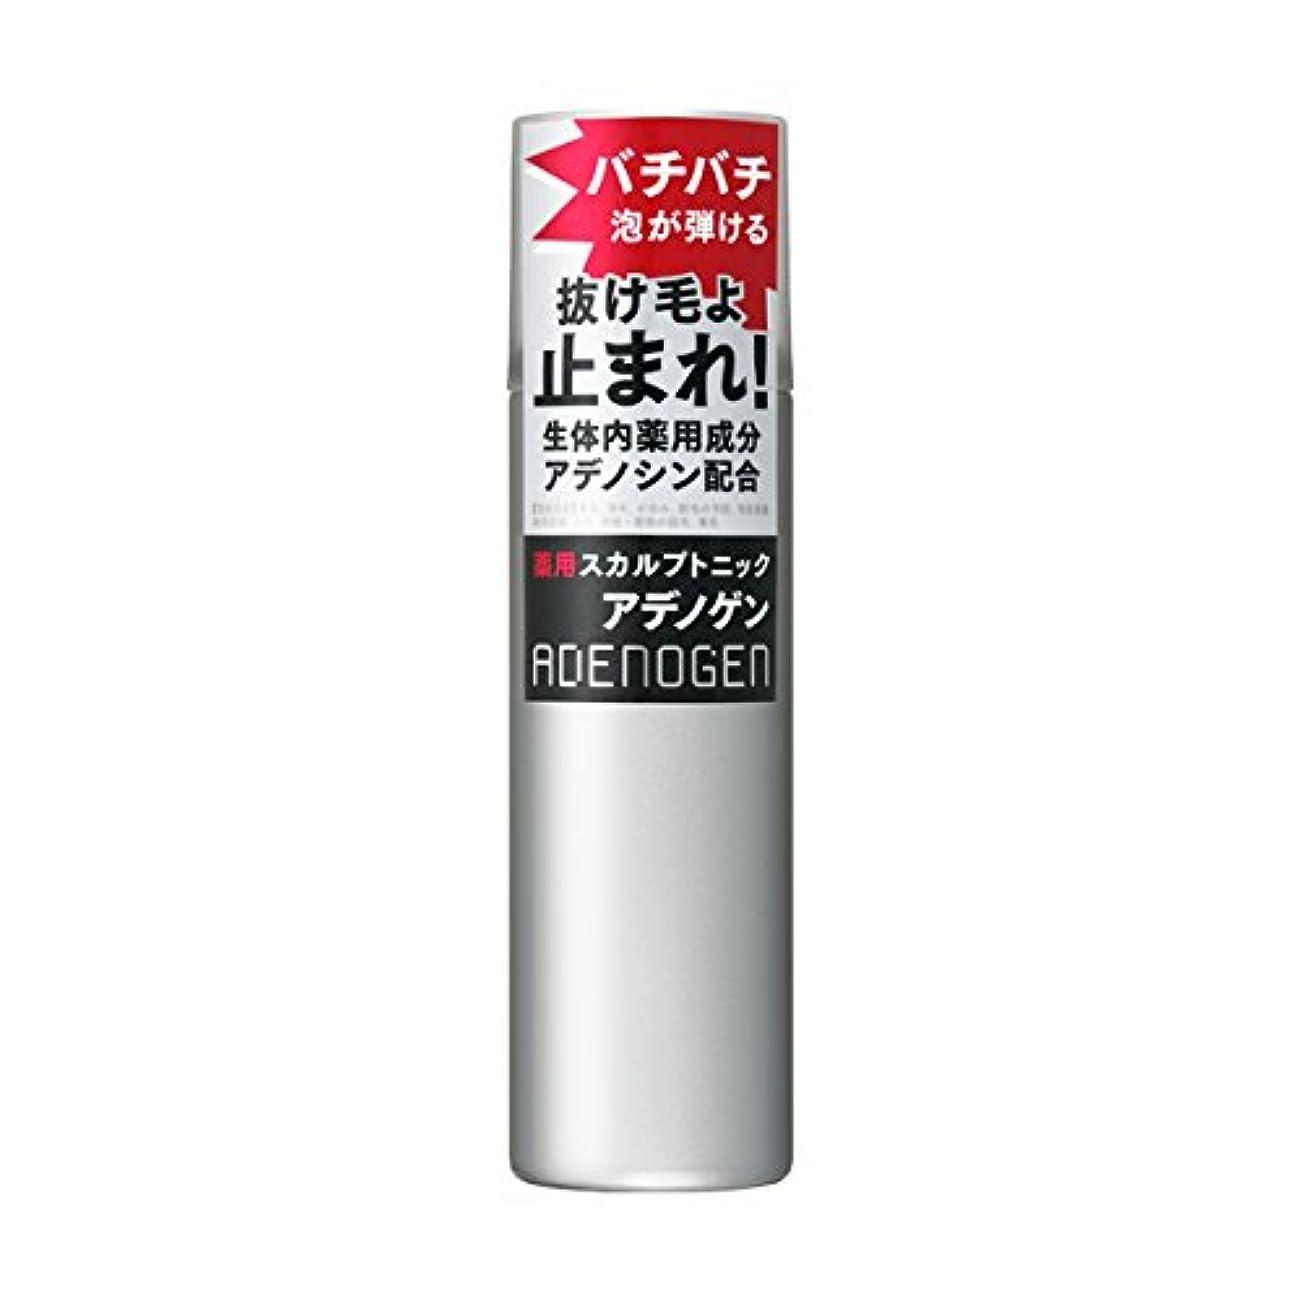 控えめな普通の租界アデノゲン 薬用スカルプトニック 130g 【医薬部外品】